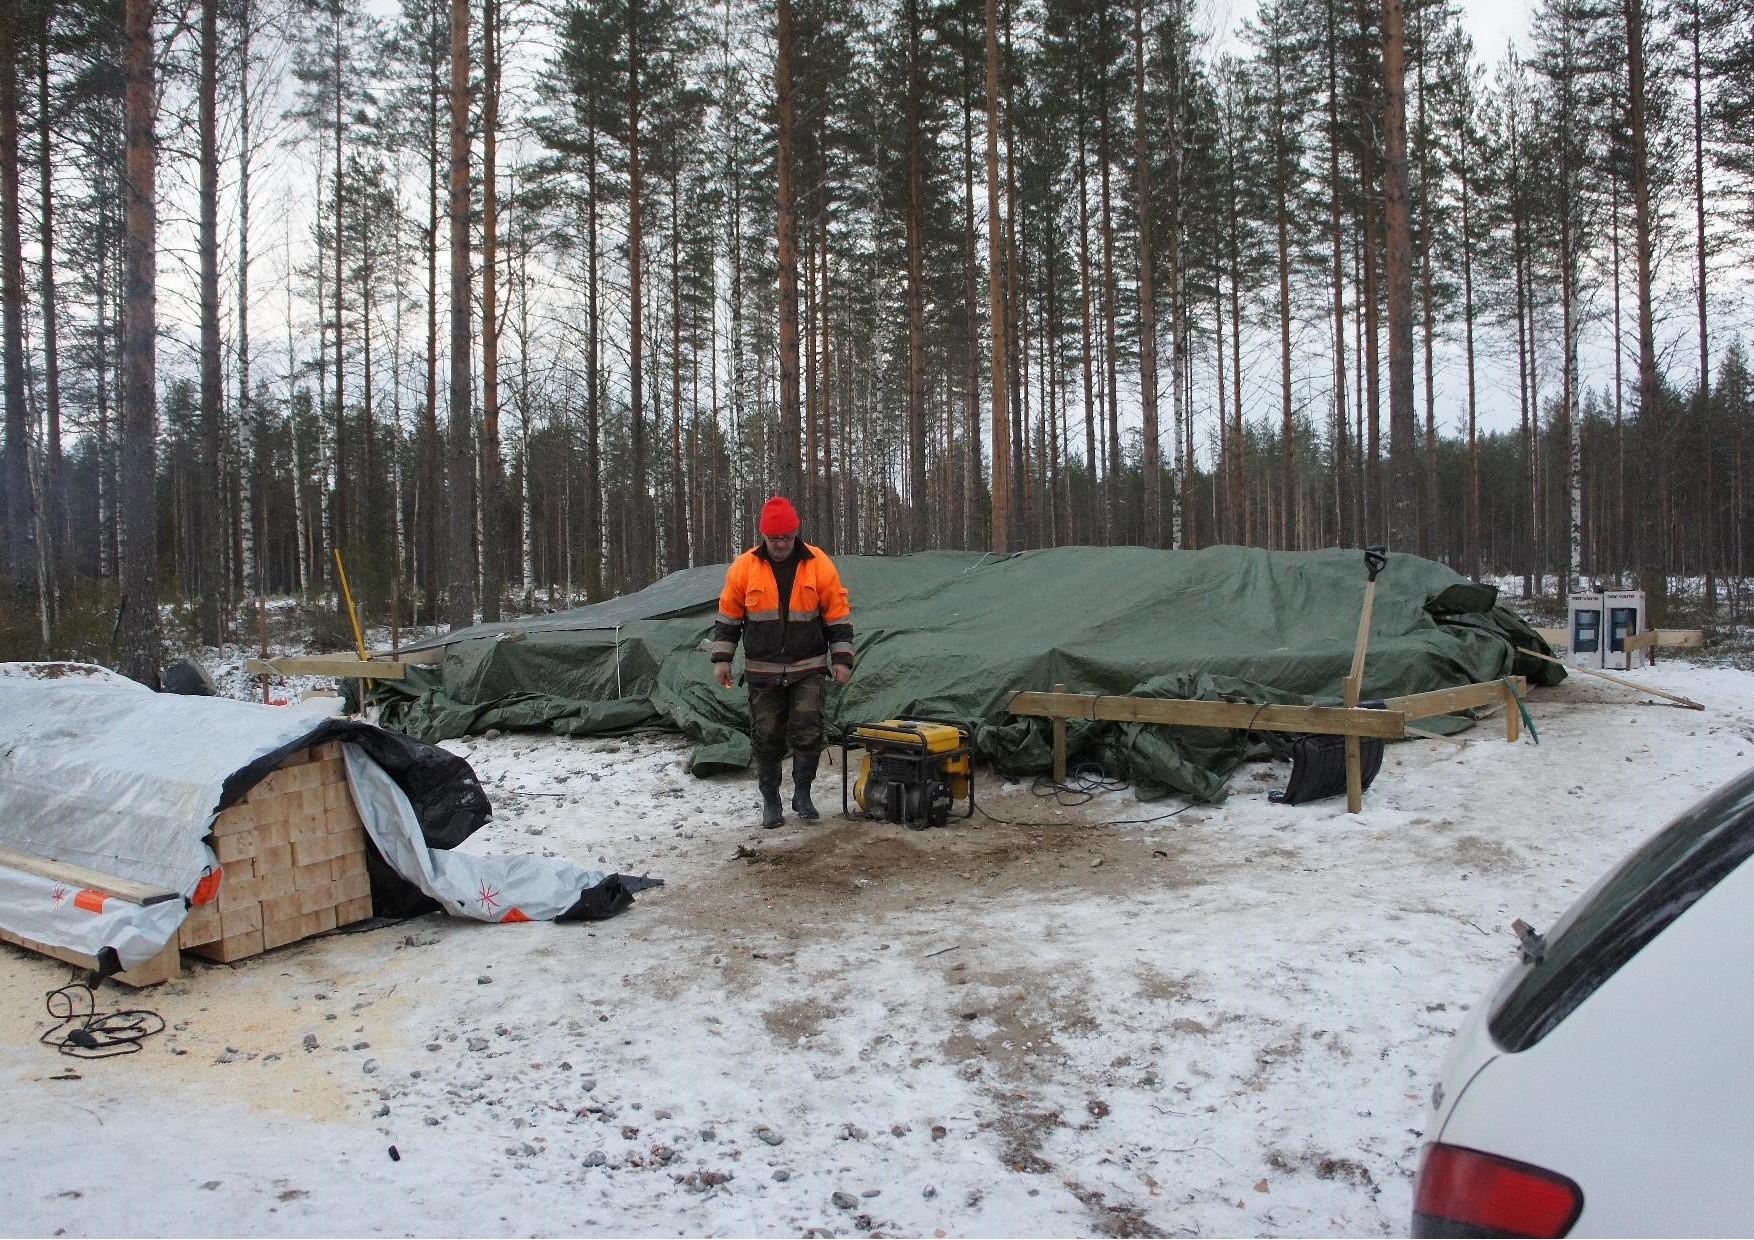 Matti Kilpeläinen yhdessä Nurmijärven kyläyhdistyksen puheenjohtaja Heikki Turusen kanssa saivat hirret valmistettua siten, että niiden asentaminen voidaan aloittaa heti kun kivijalka on kuivunut.